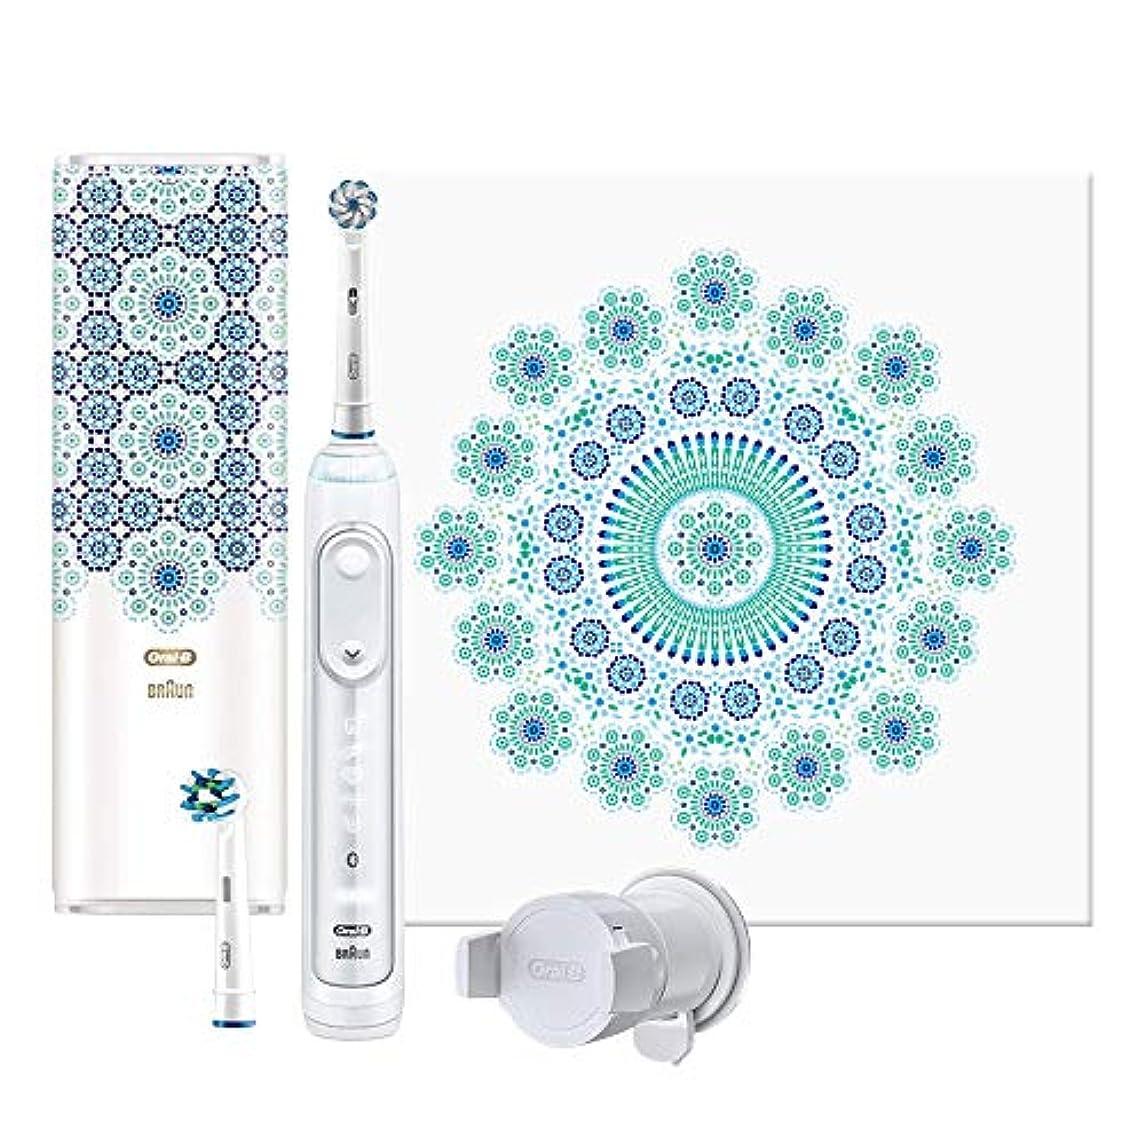 アカウント同様にリレーブラウン オーラルB 電動歯ブラシ ジーニアス9000 モロッコデザイン D7015256XCTMC